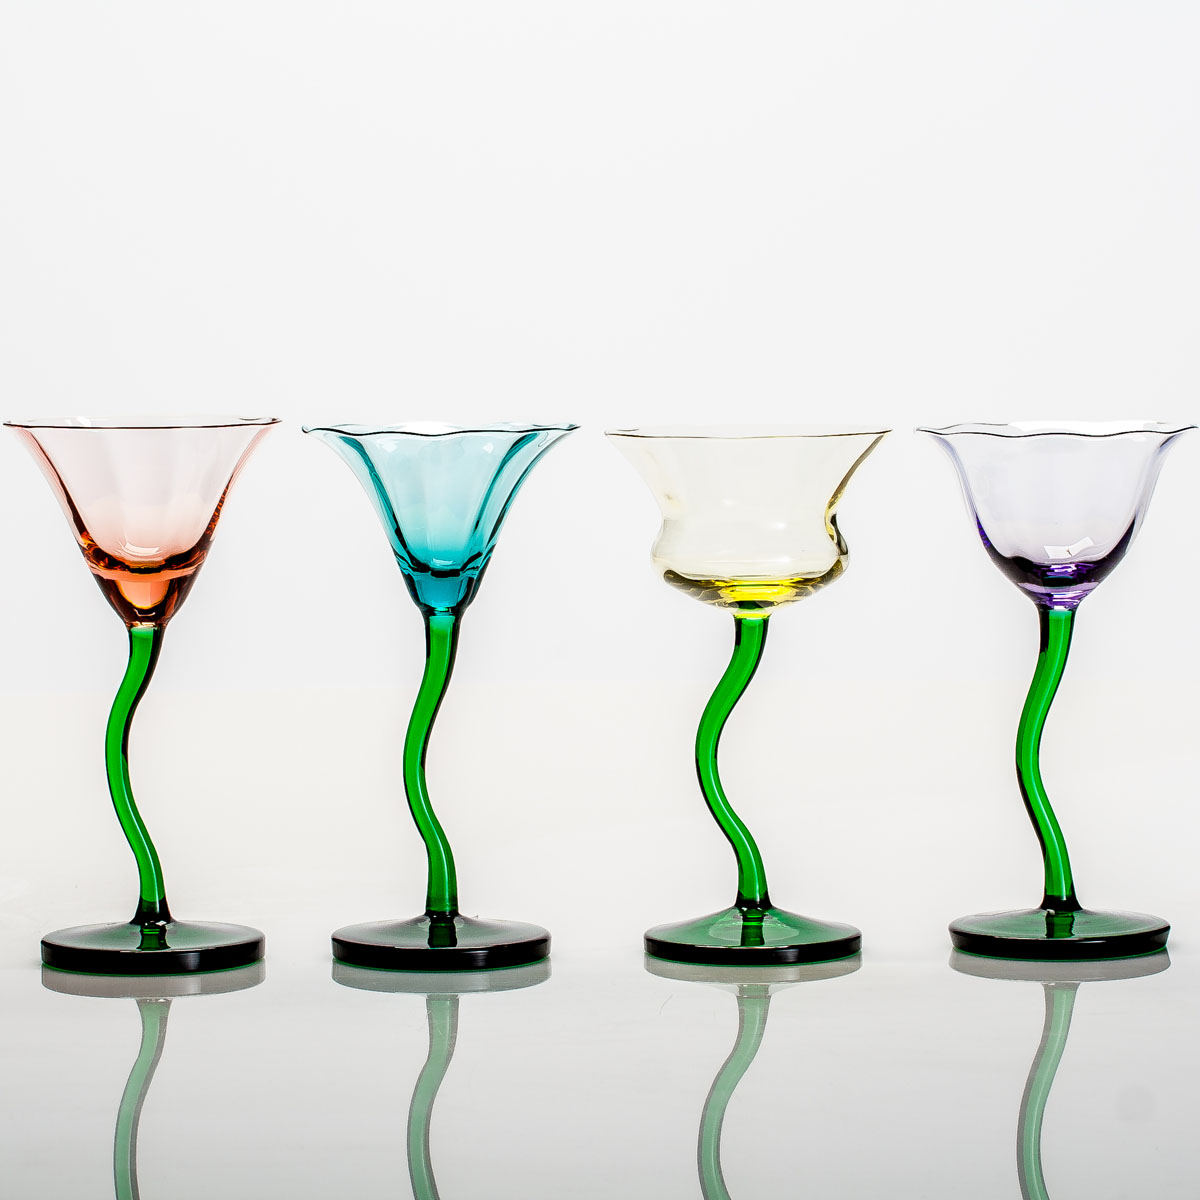 Набор фужеров для мартини Цветы, 190 мл, 4 шт. 458370Гл 450033Набор фужеров для мартини Цветы, состоящий из четырех фужеров,несомненно, придется вам по душе. Они изготовлены из прочноговысококачественного прозрачного стекла. Фужеры сочетают в себе элегантныйдизайн и функциональность. Благодаря такому набору пить напитки будет ещевкуснее.